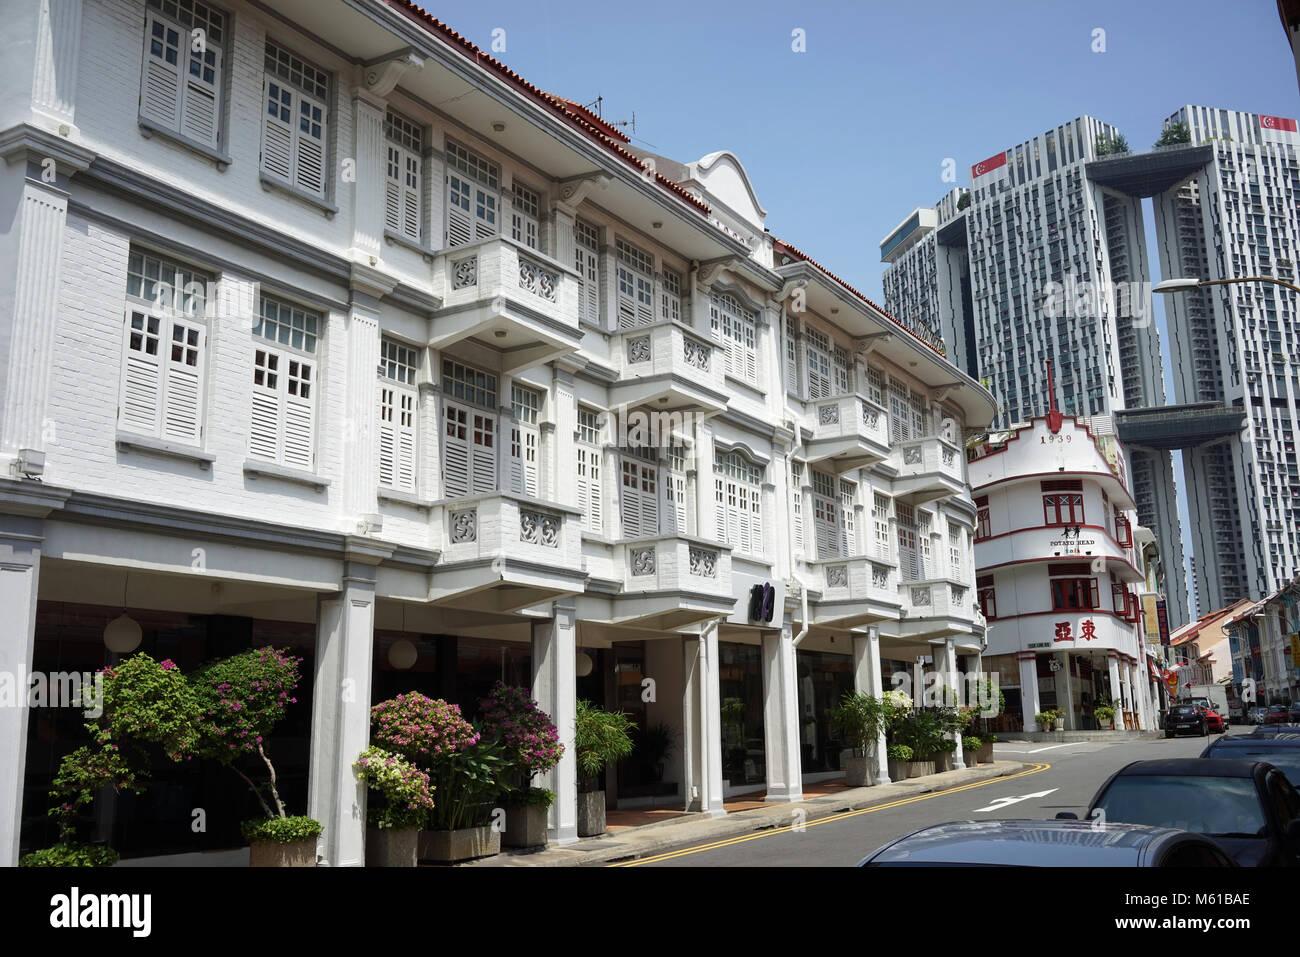 Hotel near Tanjong Pagar MRT Station - From Cheap Promo